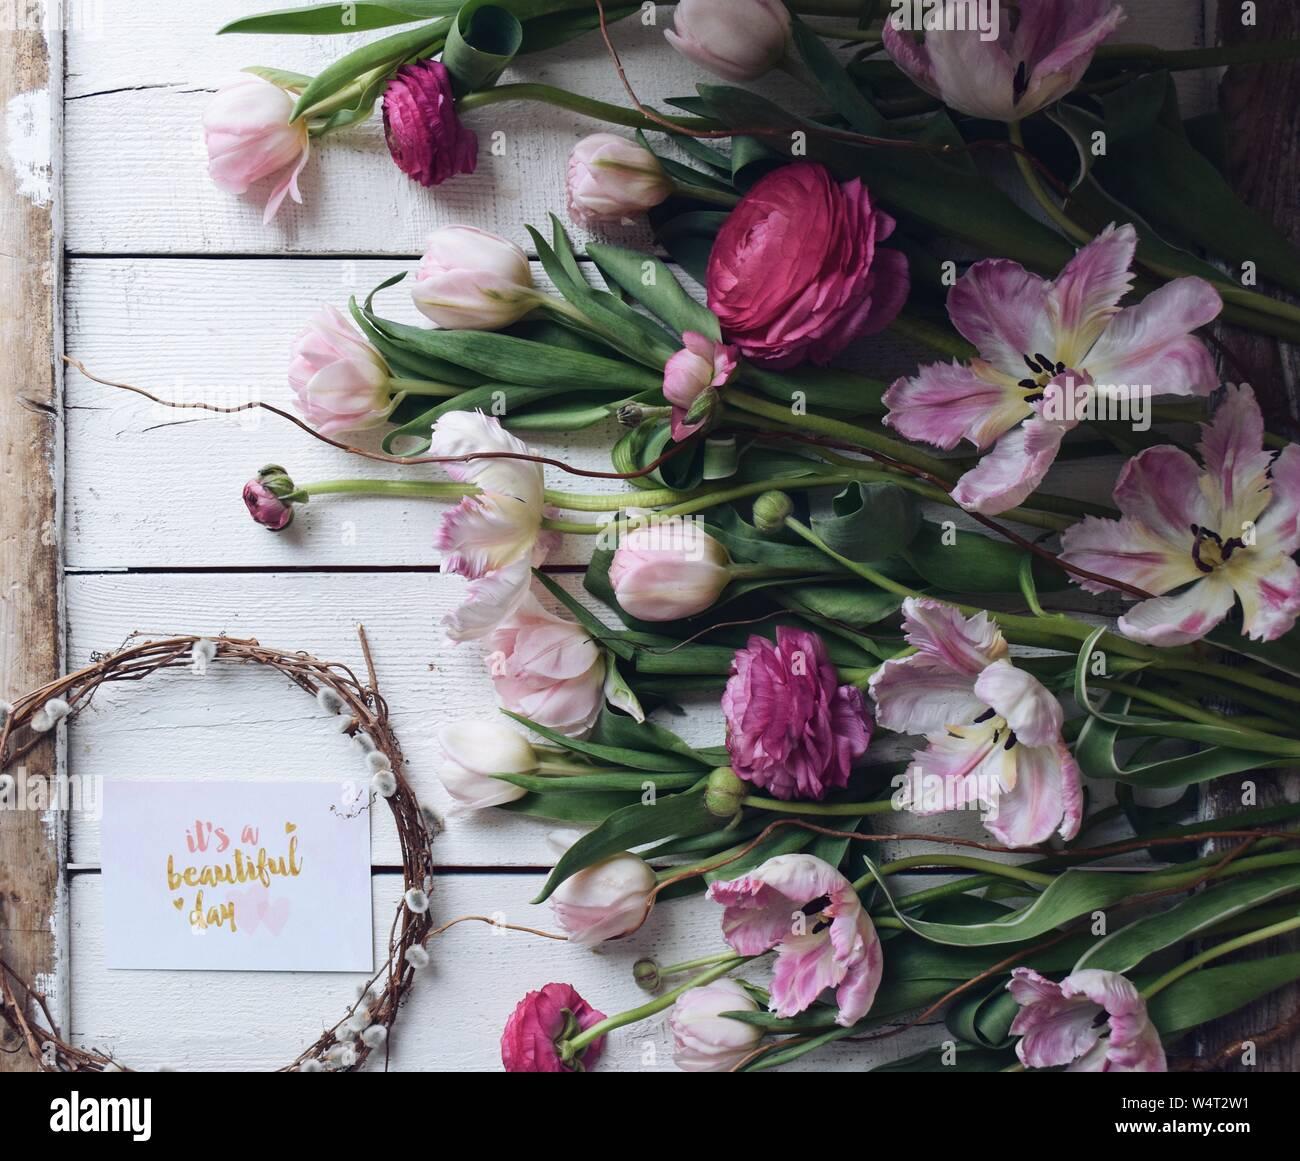 Tulipanes rosados y ranúnculos con una tarjeta diciendo que es un hermoso día Foto de stock